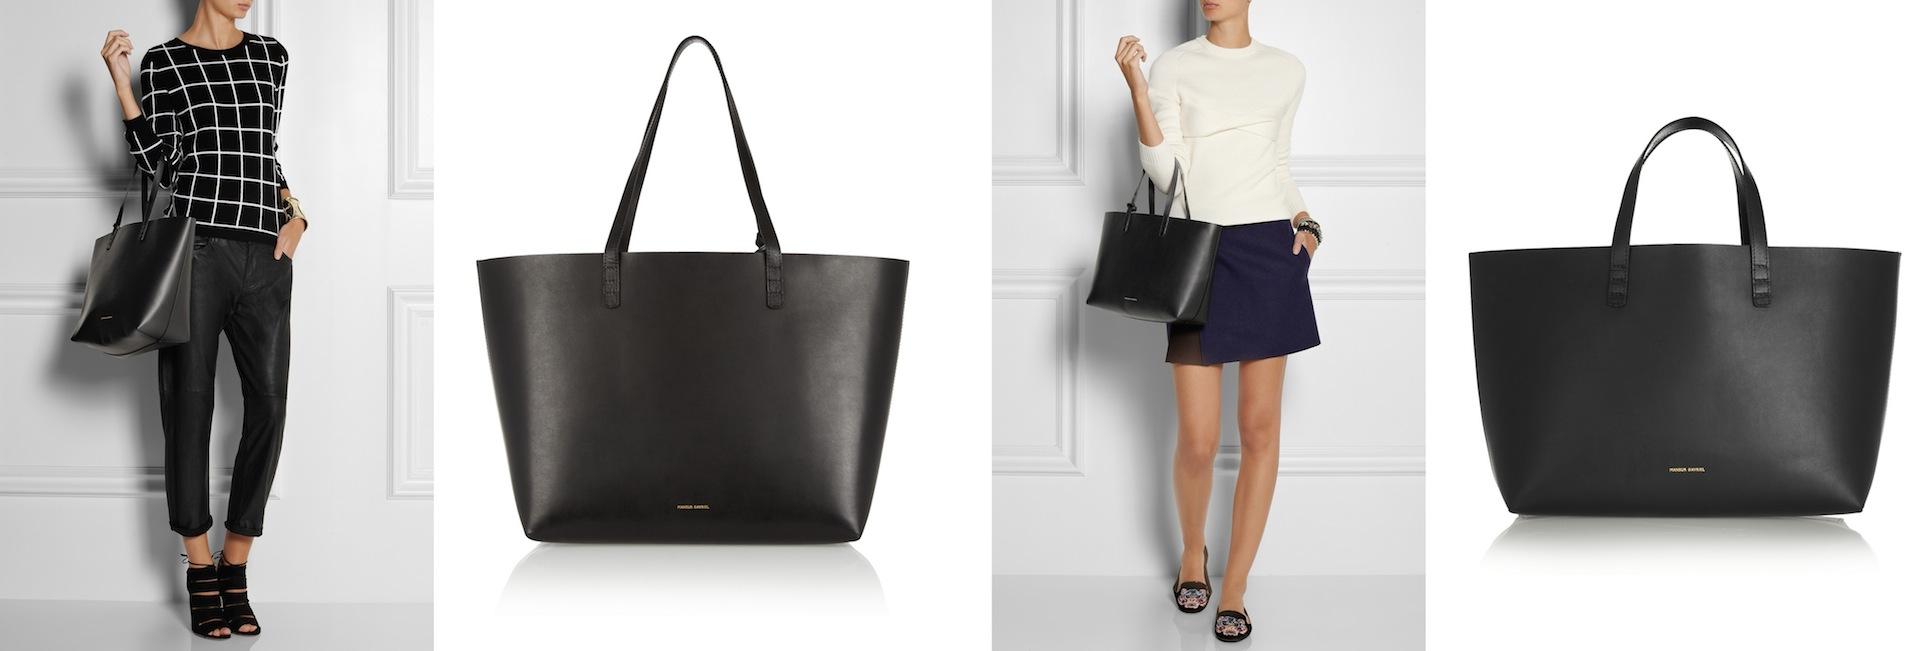 3143dc754ace5 Seit zwei Jahren gehe ich nicht mehr ohne meinen schwarzen Céline-Shopper  vor die Haustür  es ist die zeitloseste und eleganteste everyday bag